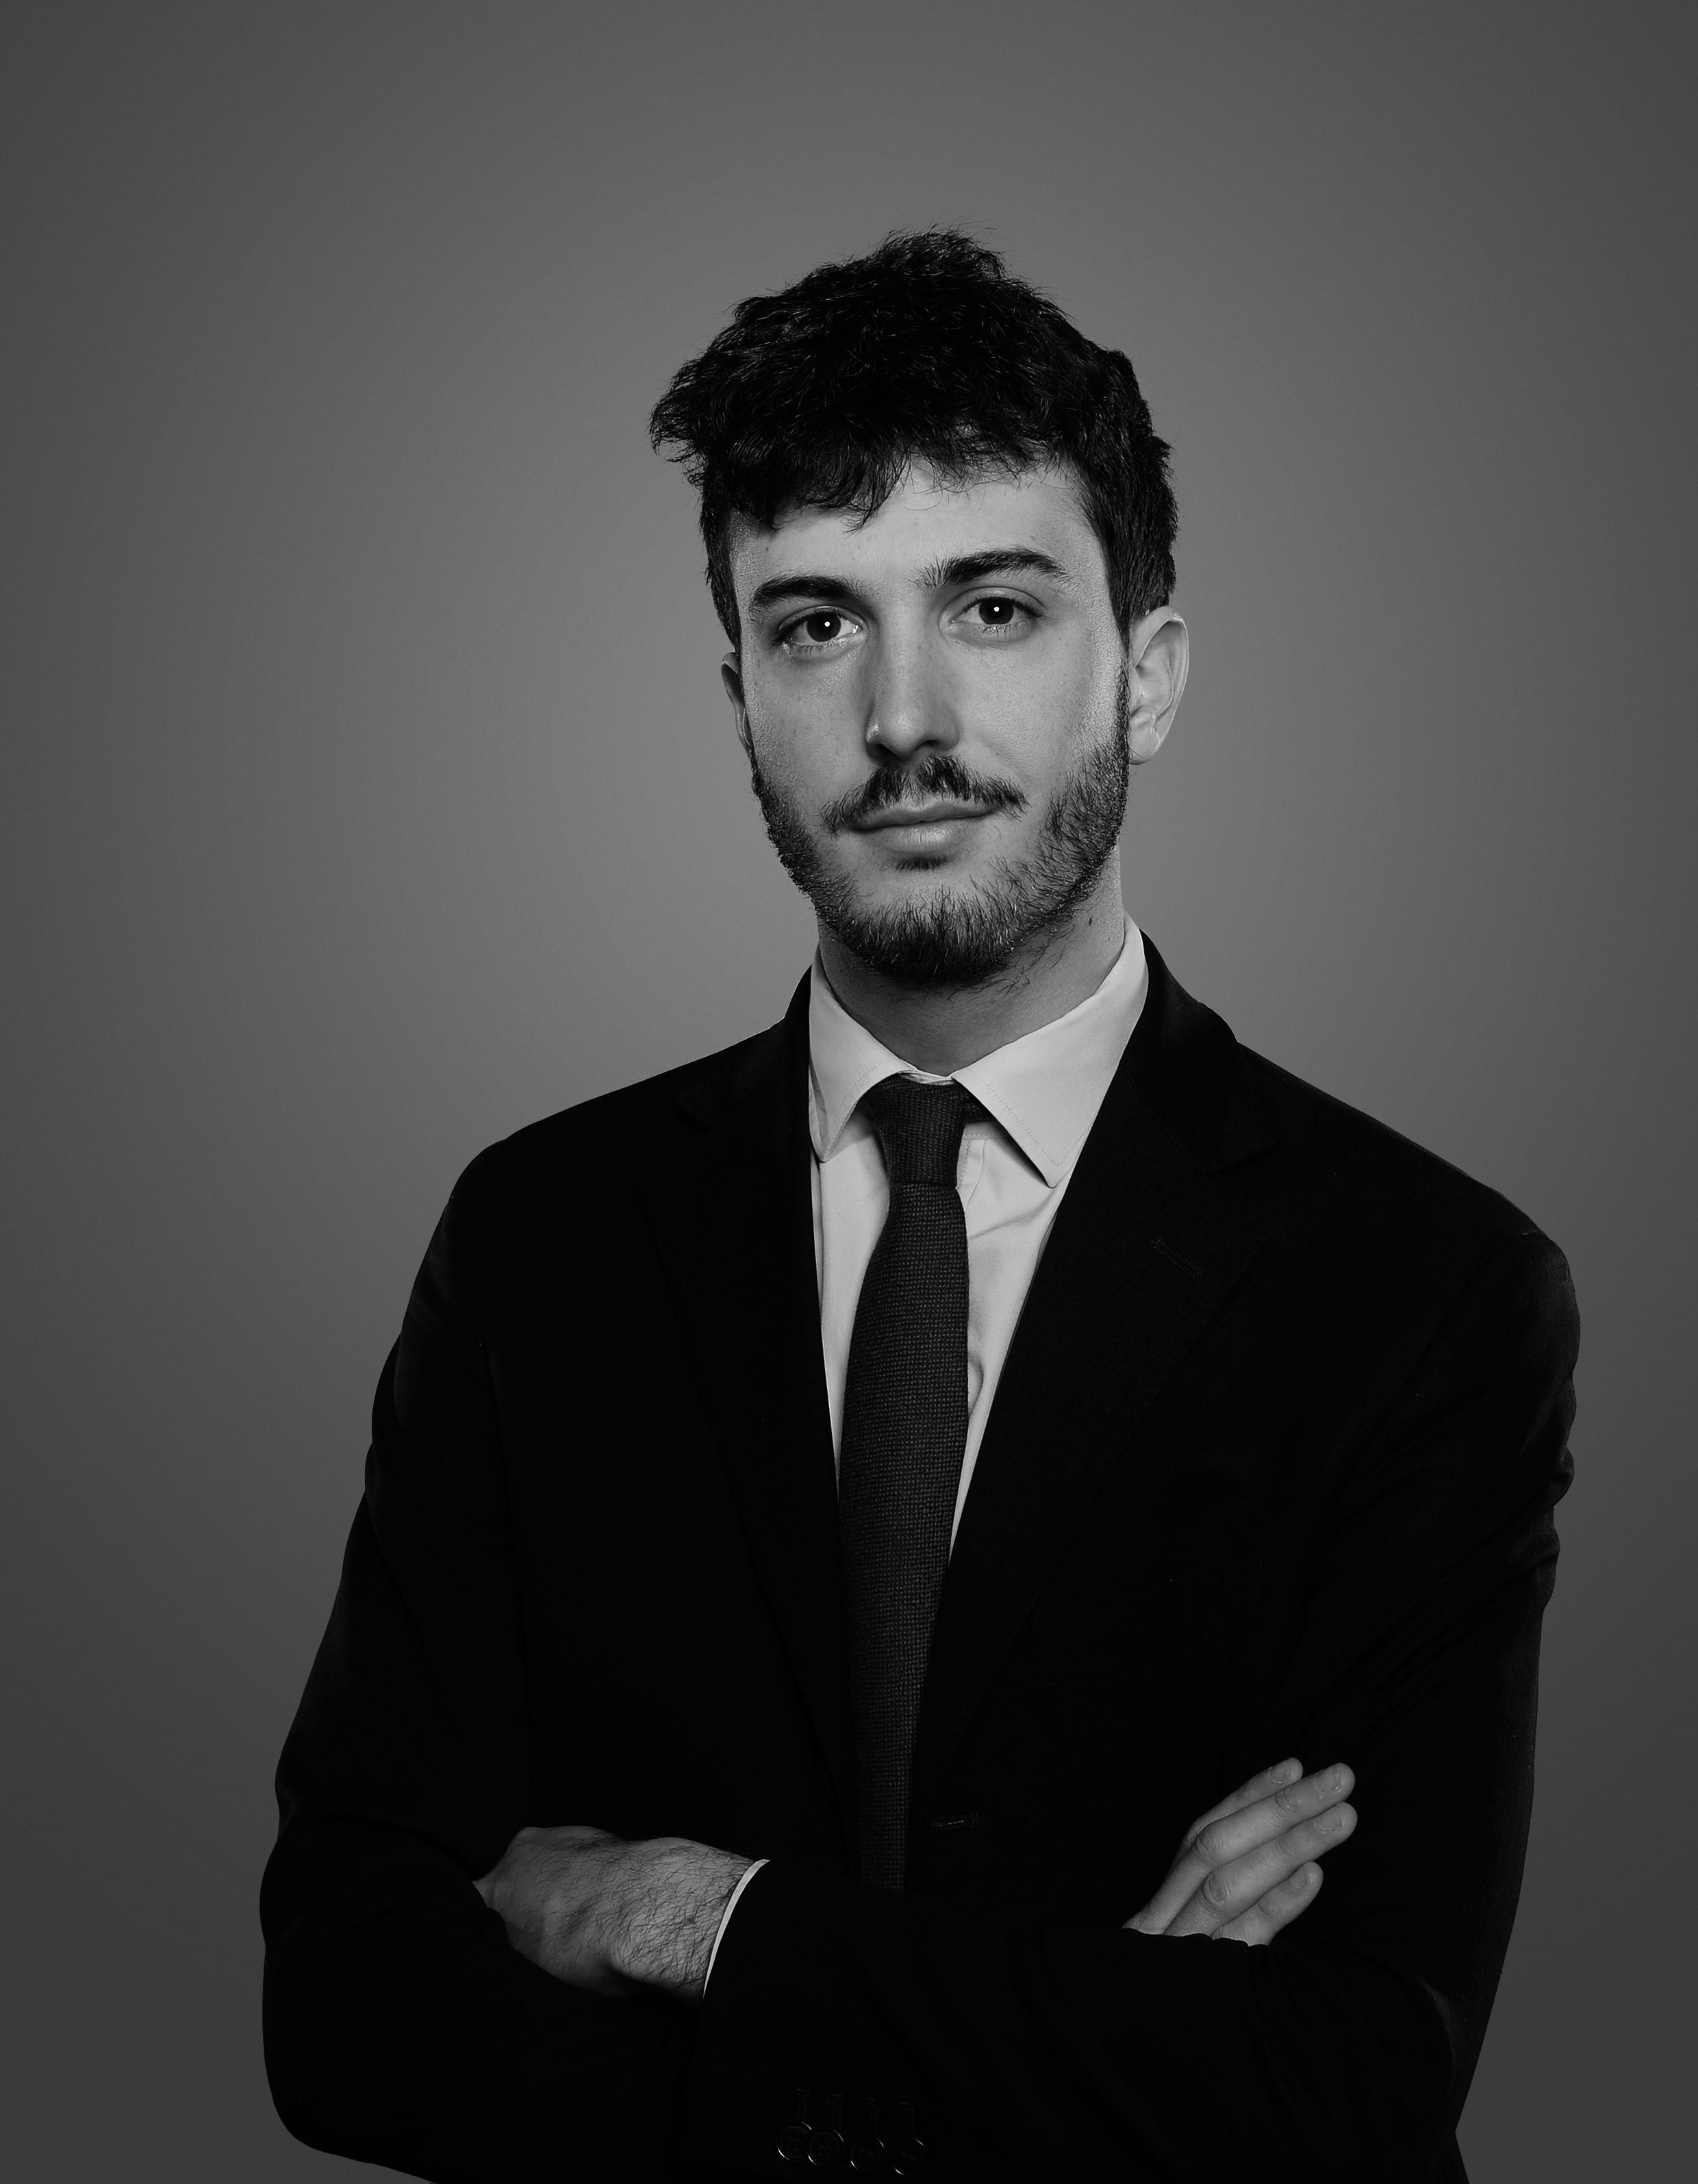 Stefano Amoretti